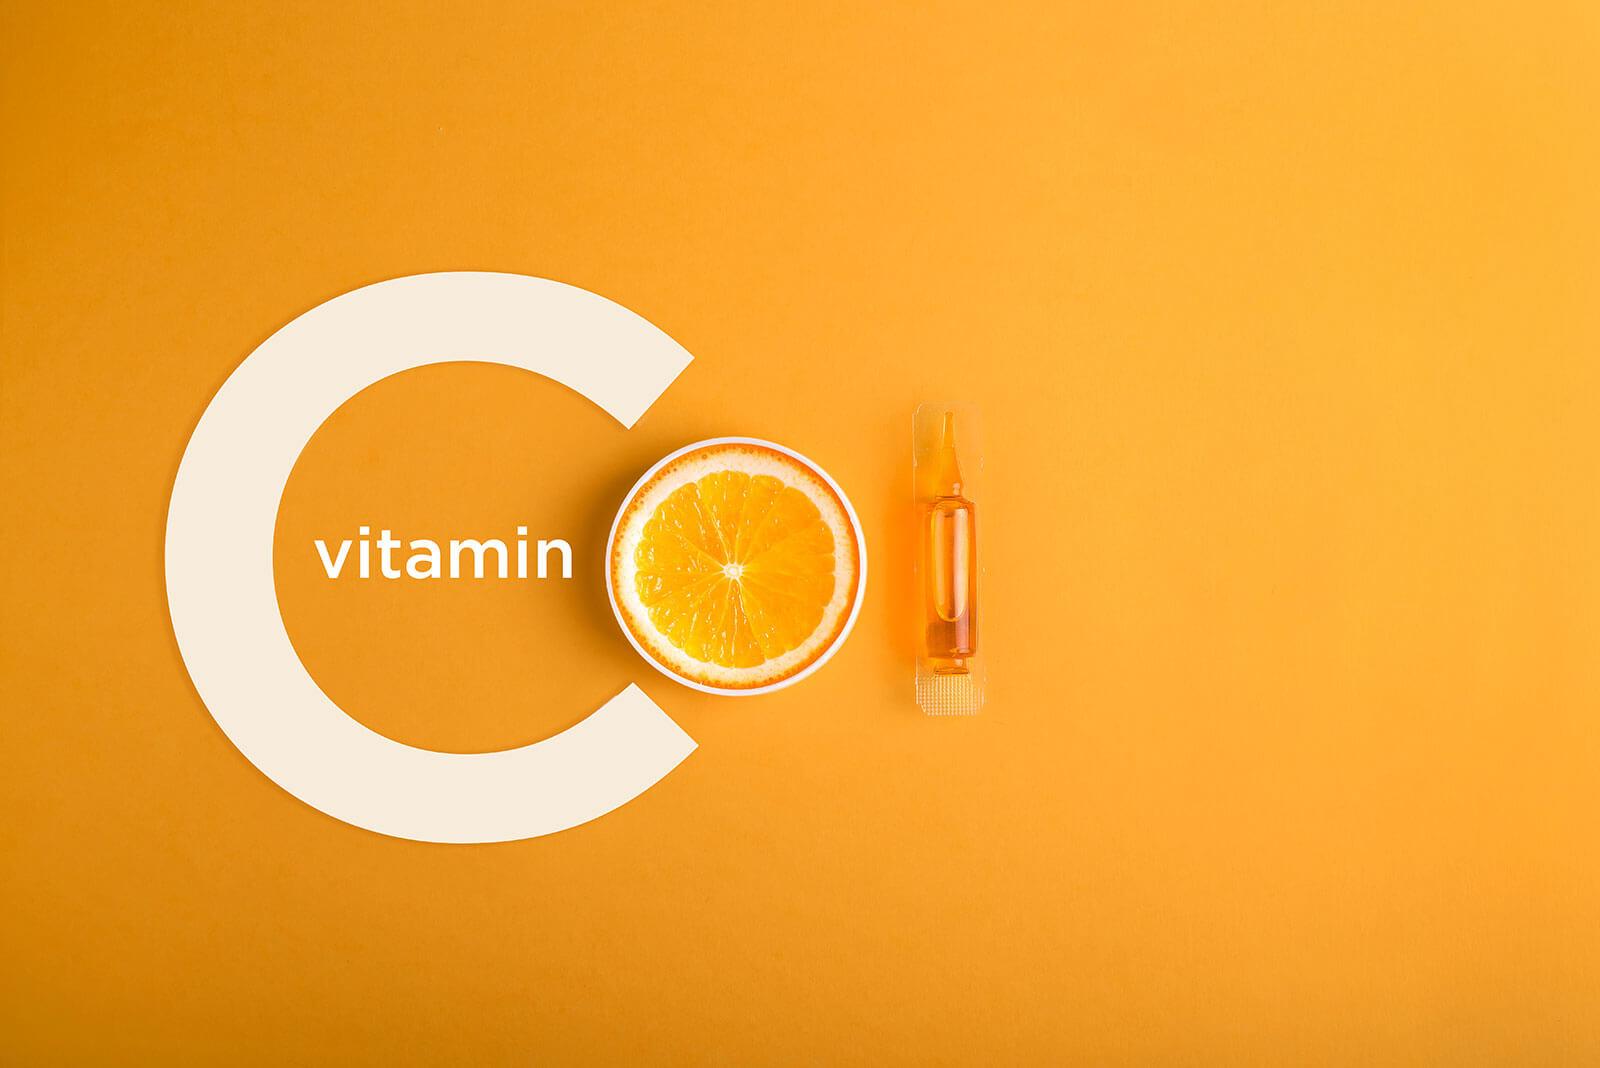 uống vitamin c có giảm cân không, uống vitamin c giảm cân, giảm cân bằng vitamin c, cách giảm cân bằng vitamin c, vitamin c giảm béo, vitamin c có giảm cân được không, vitamin c giúp giảm cân